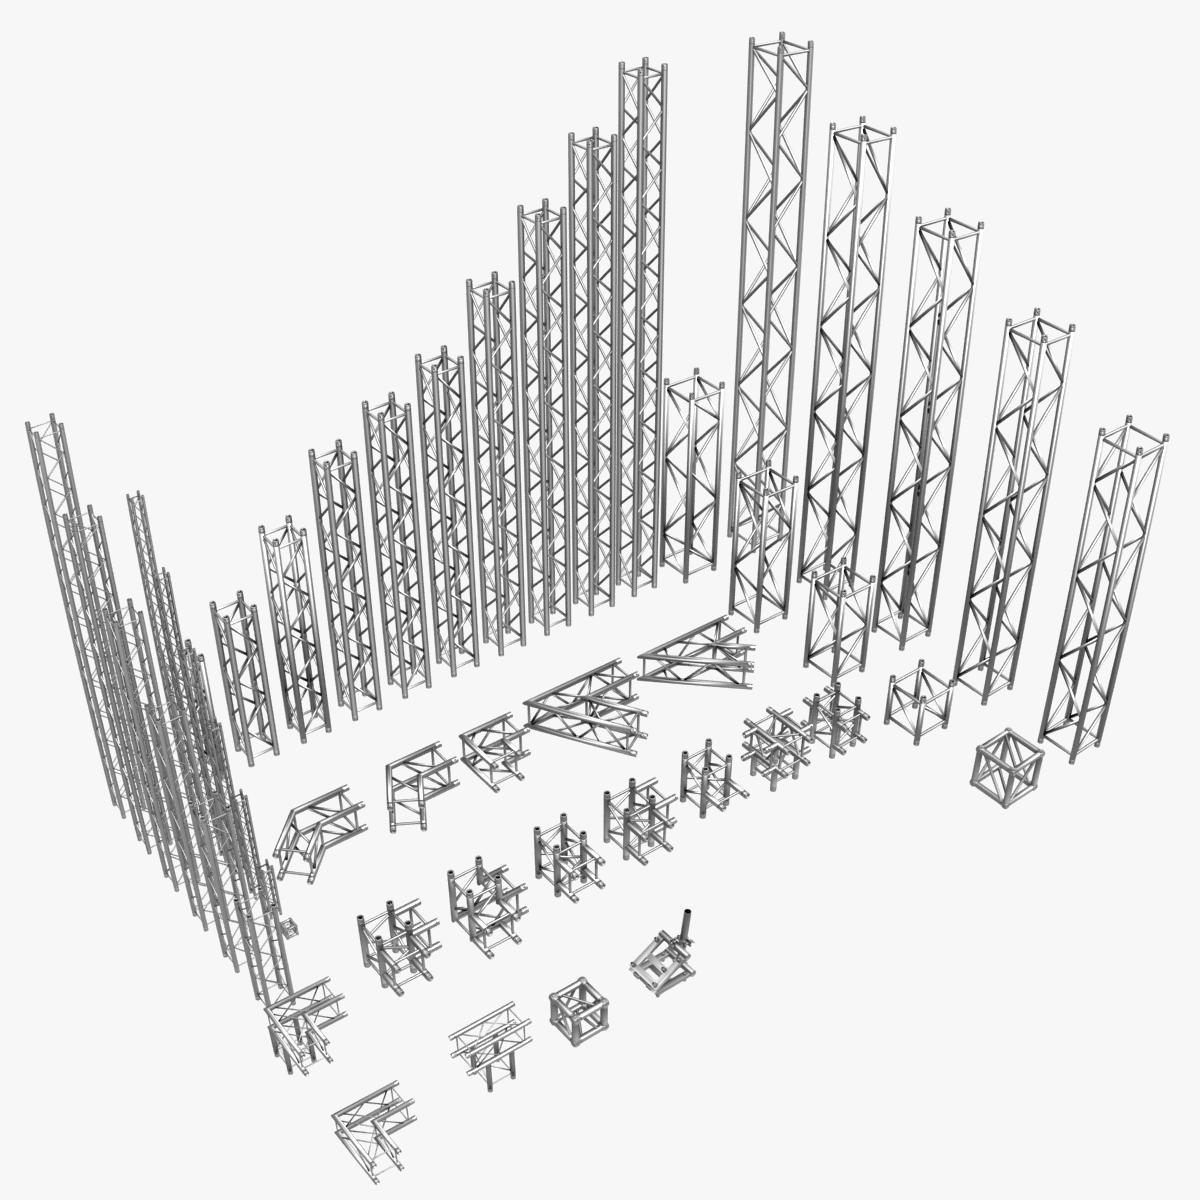 square light trusses (collection 50 modular) 3d model 3ds max dxf fbx c4d dae texture obj 216168